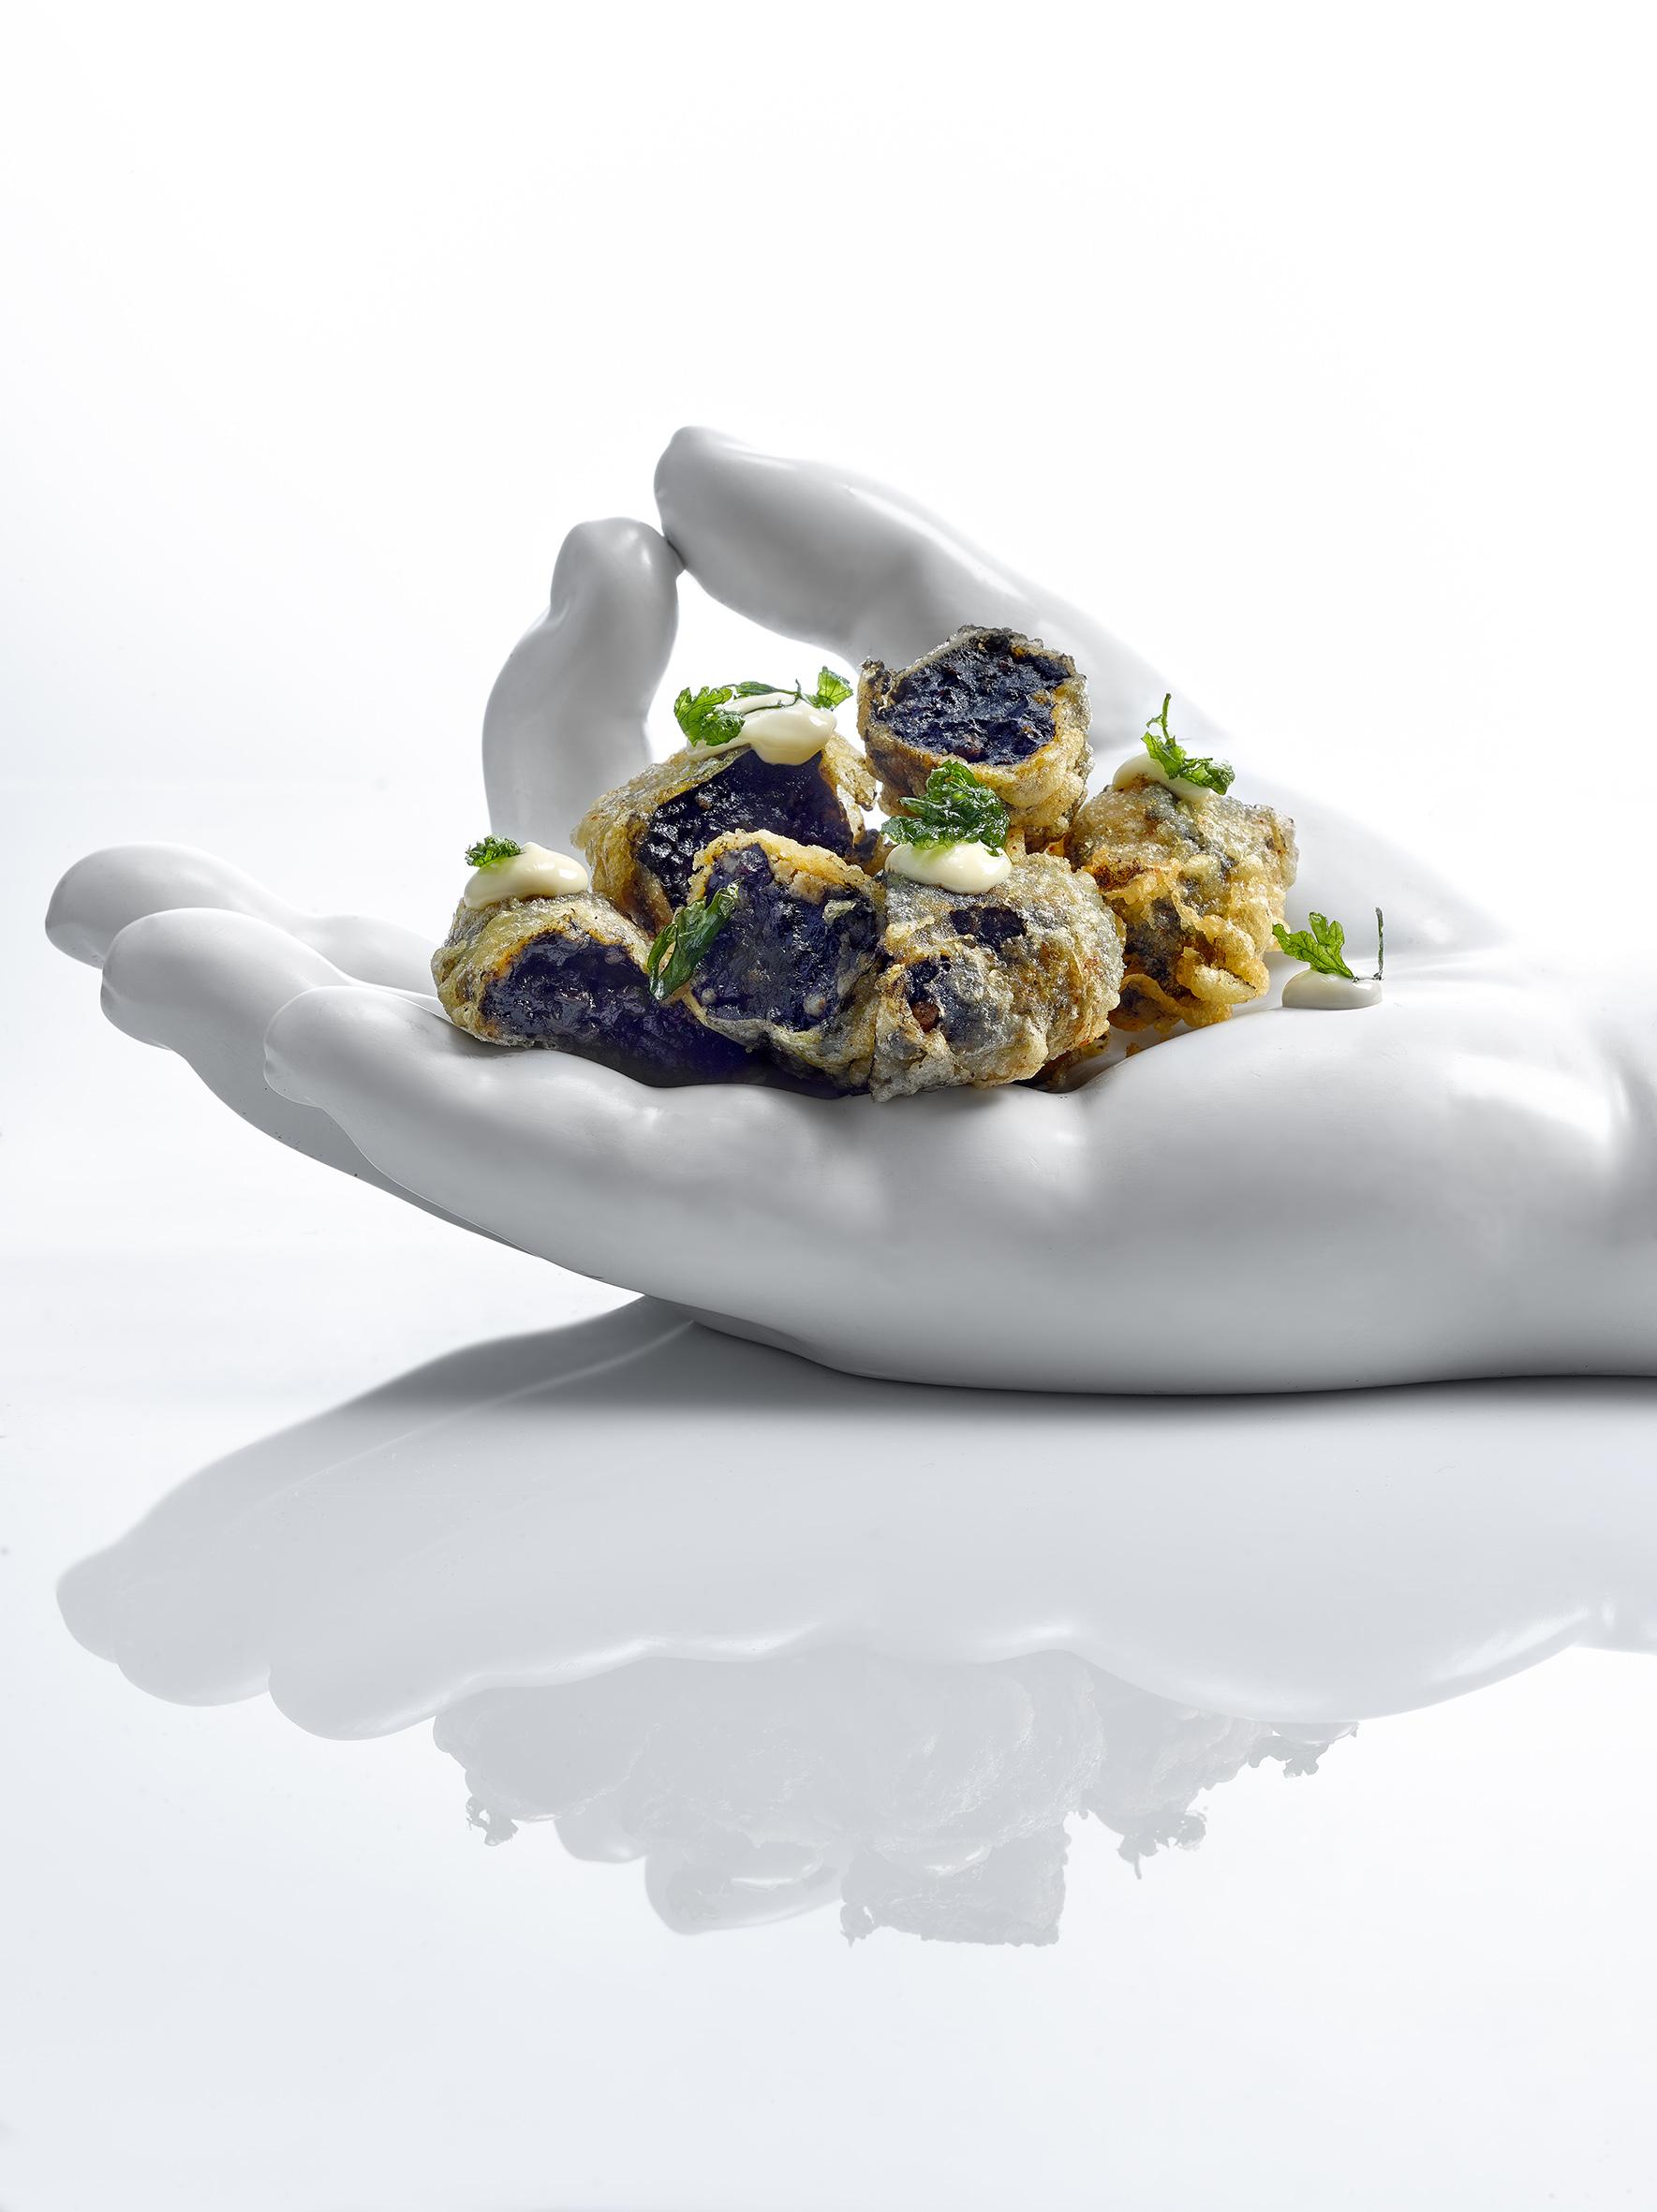 A Creation by Chef Dani Garcia